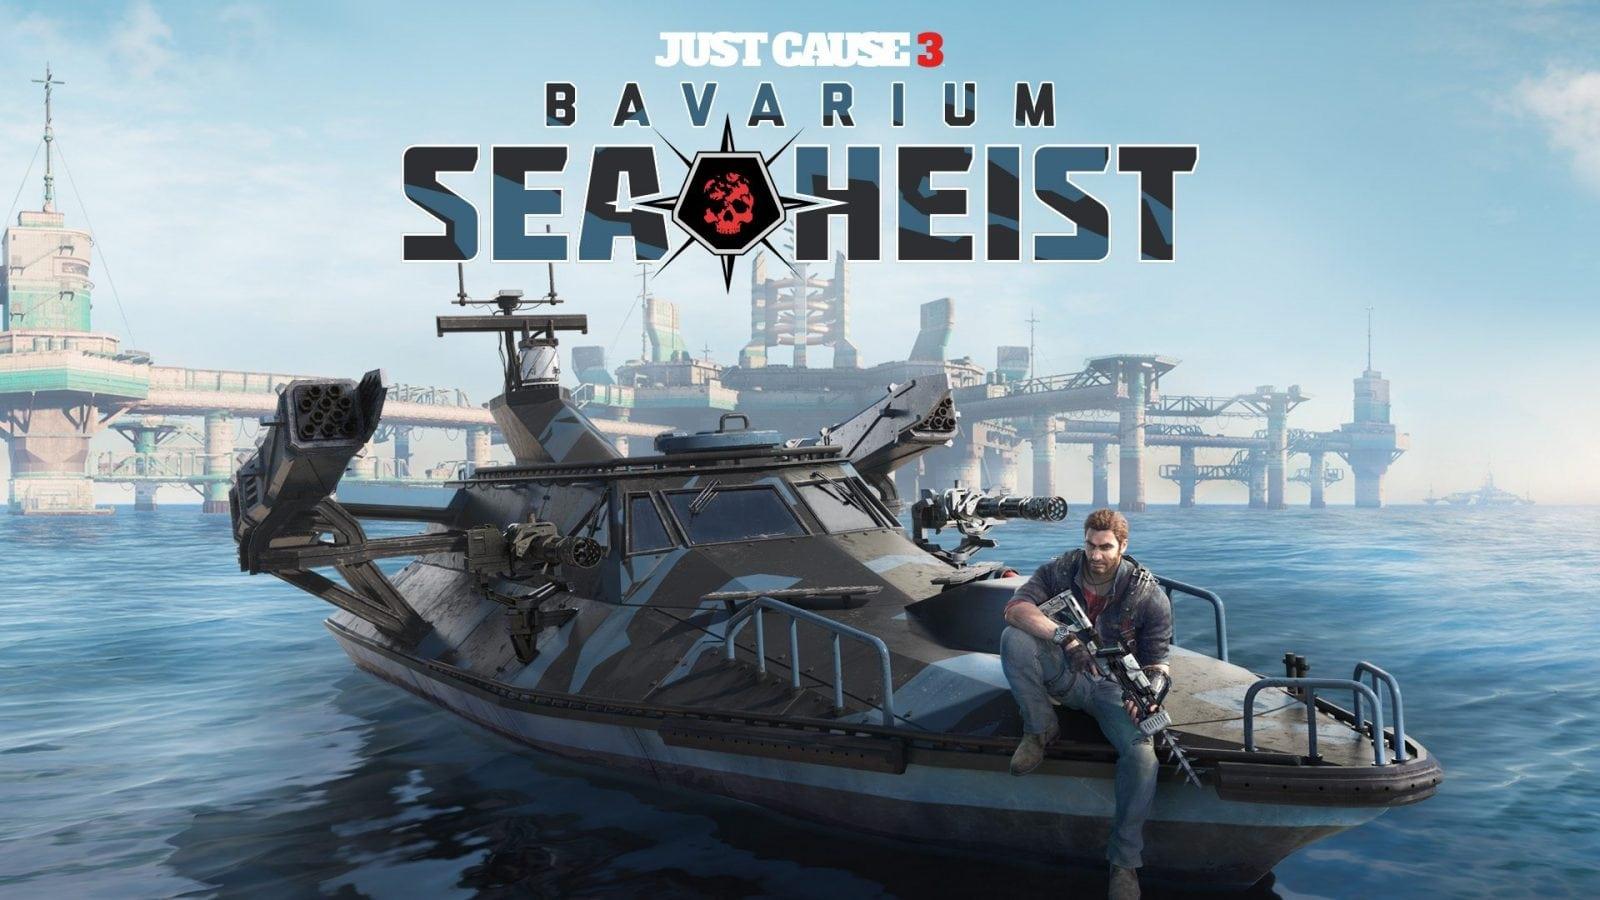 JUST CAUSE 3: BAVARIUM SEA HEIST JÁ ESTÁ DISPONÍVEL